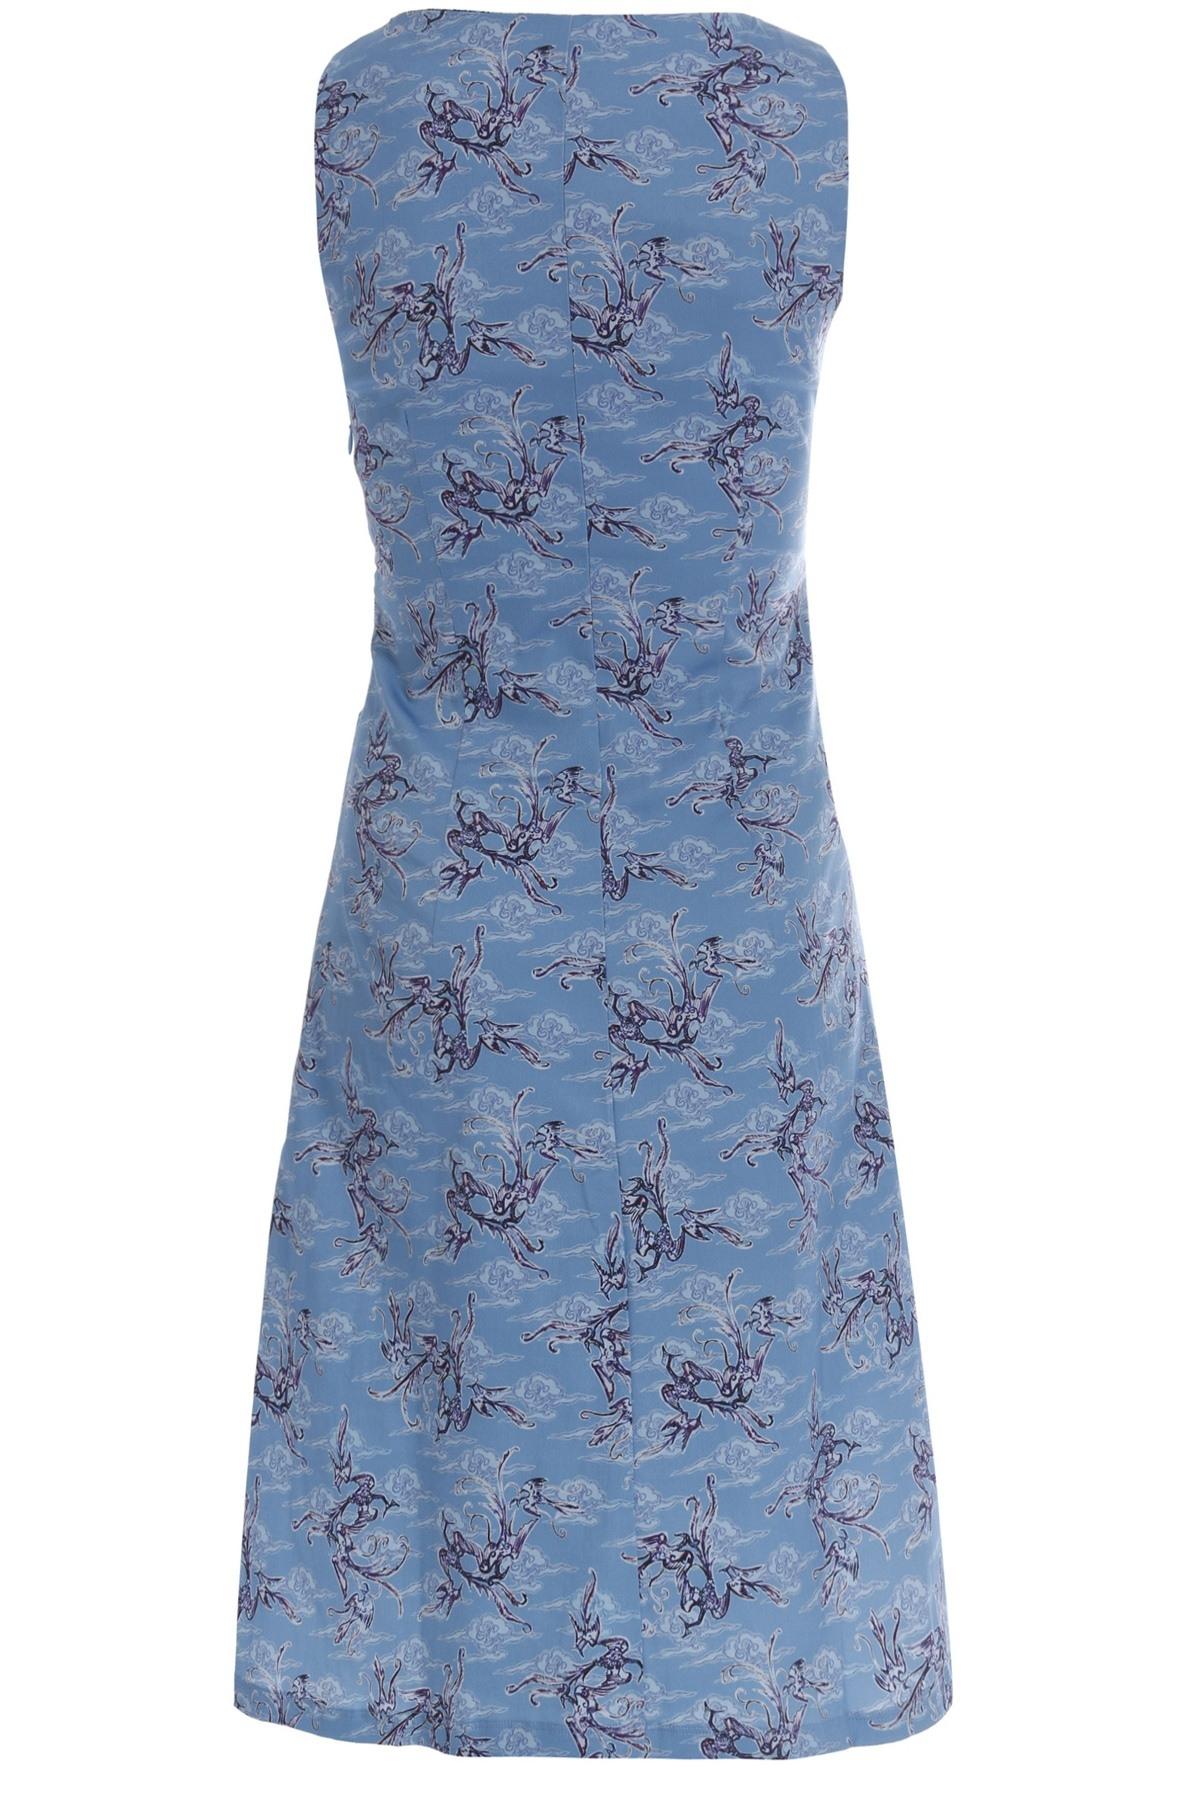 13 Einfach Kleid Hellblau Spezialgebiet20 Schön Kleid Hellblau für 2019